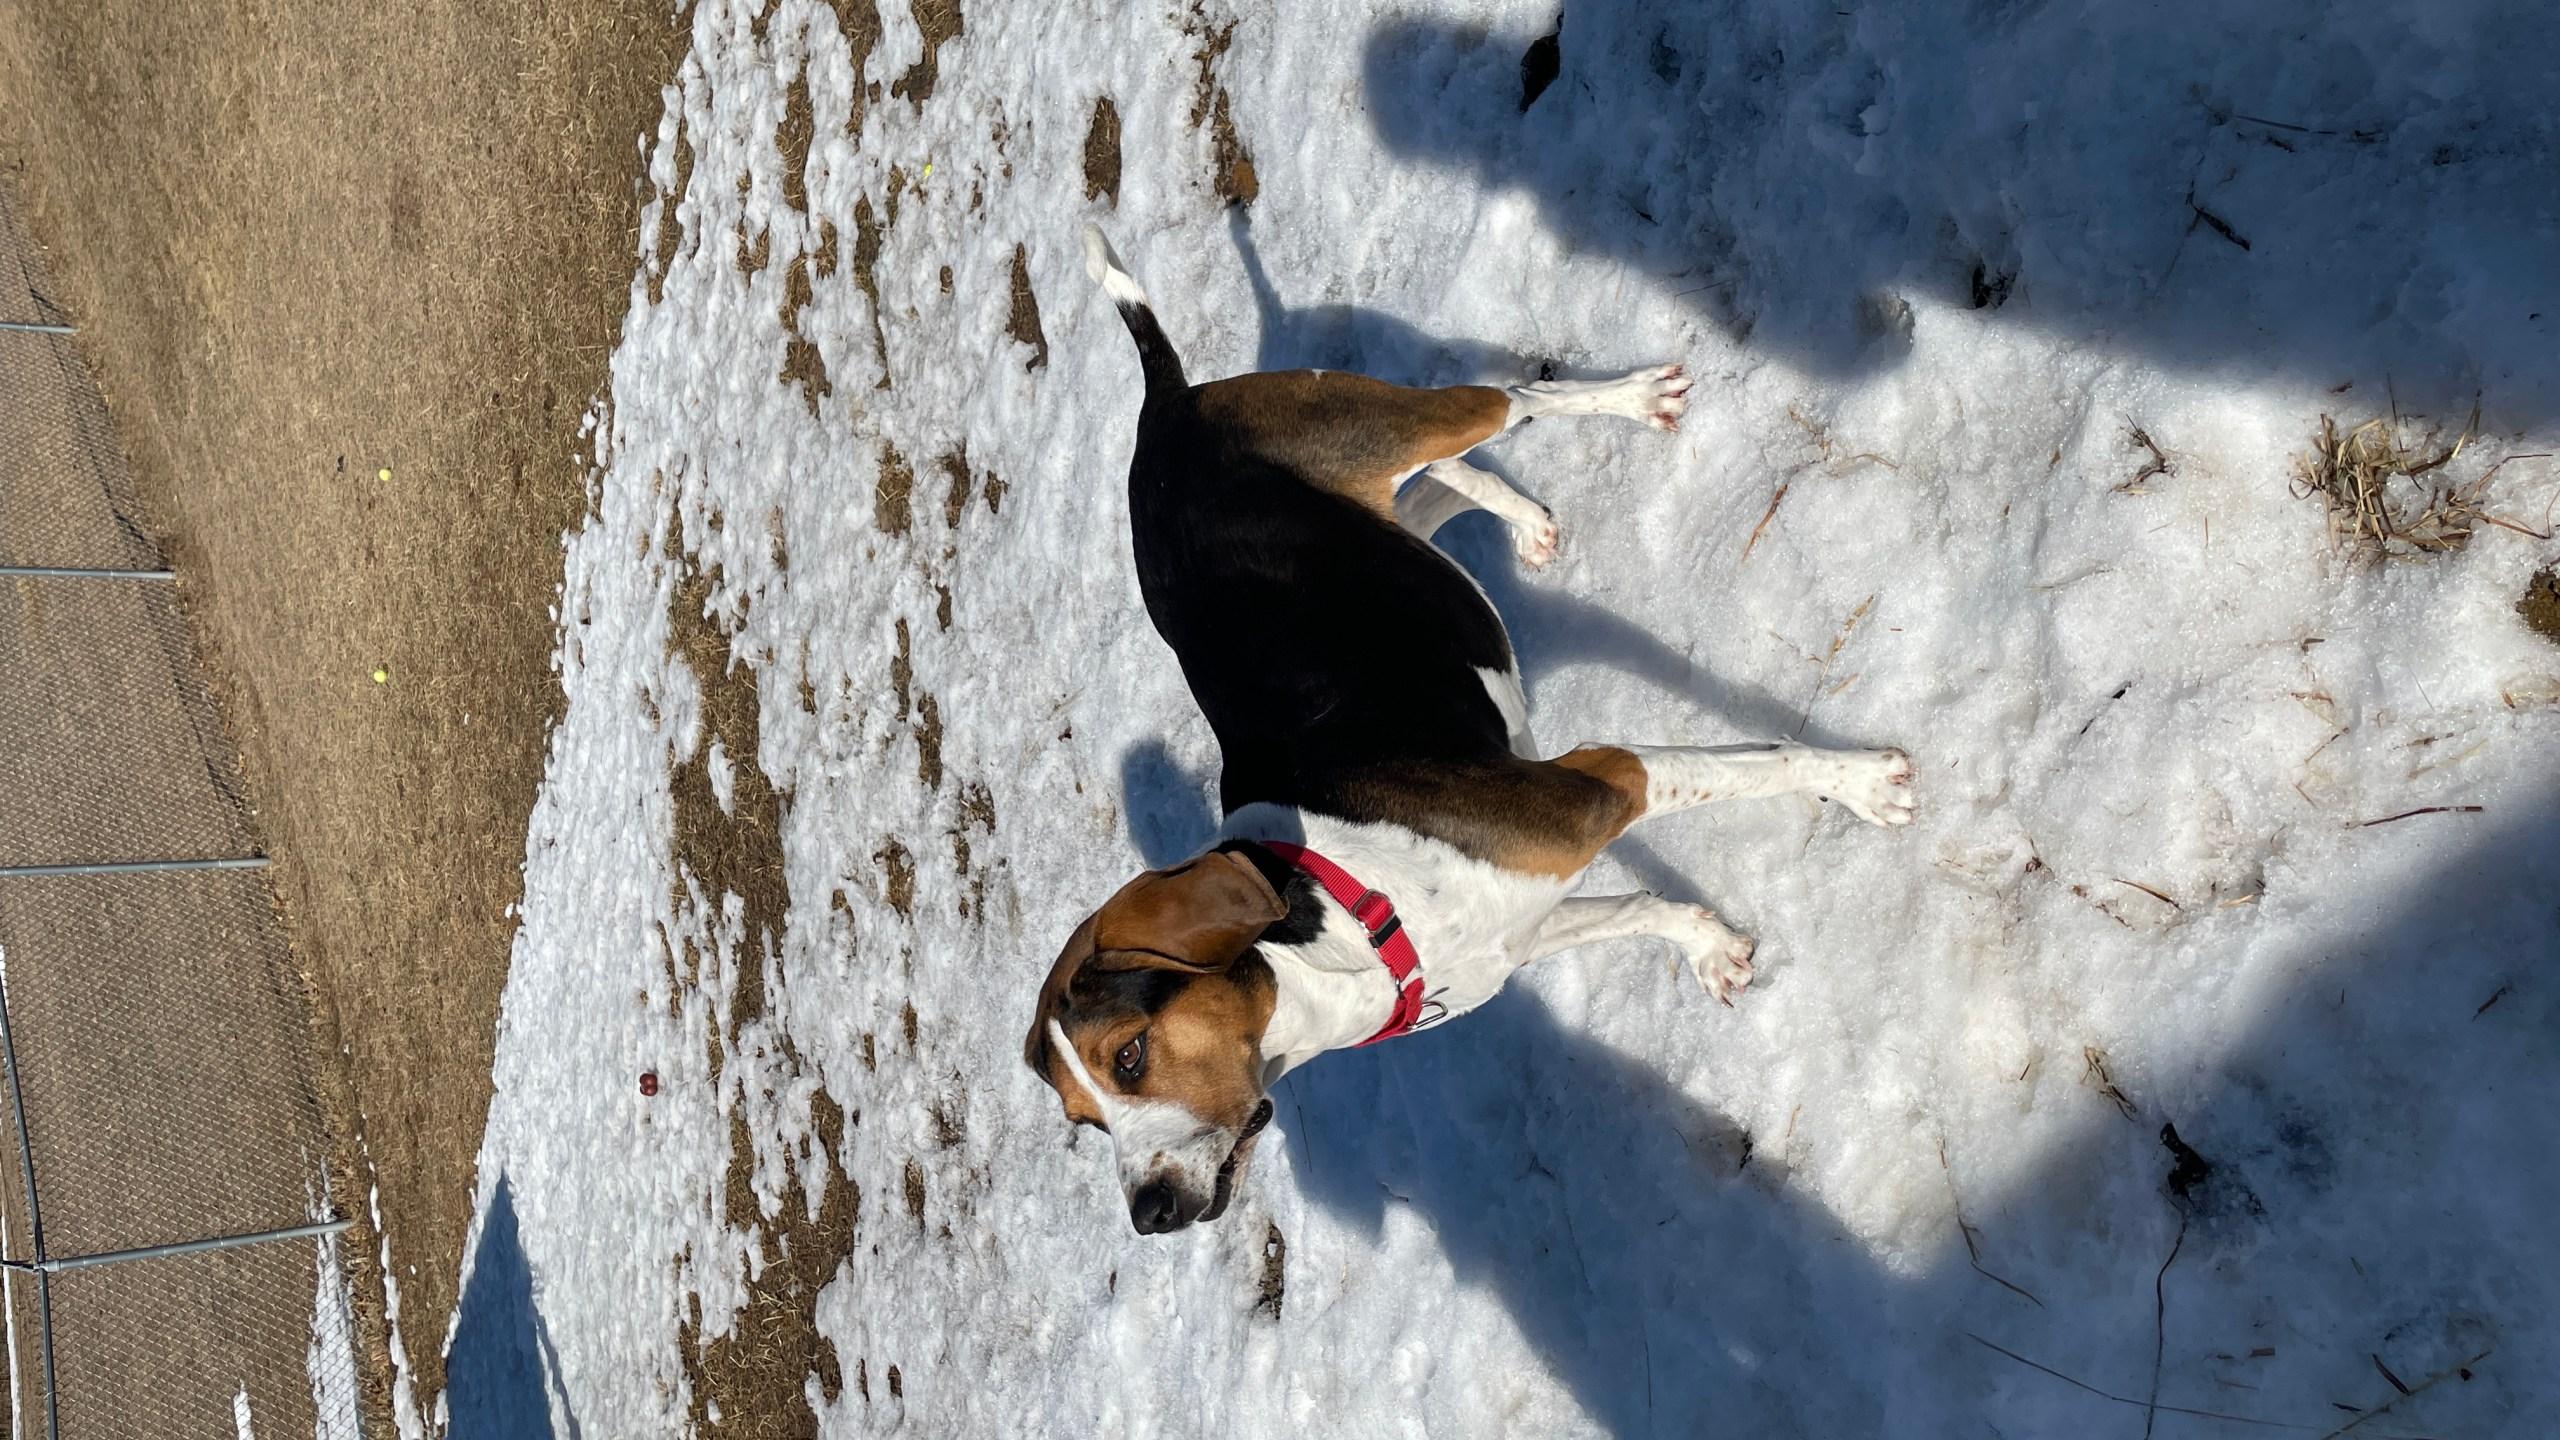 Eau Claire County Humane Association Pets of the Week: Leia